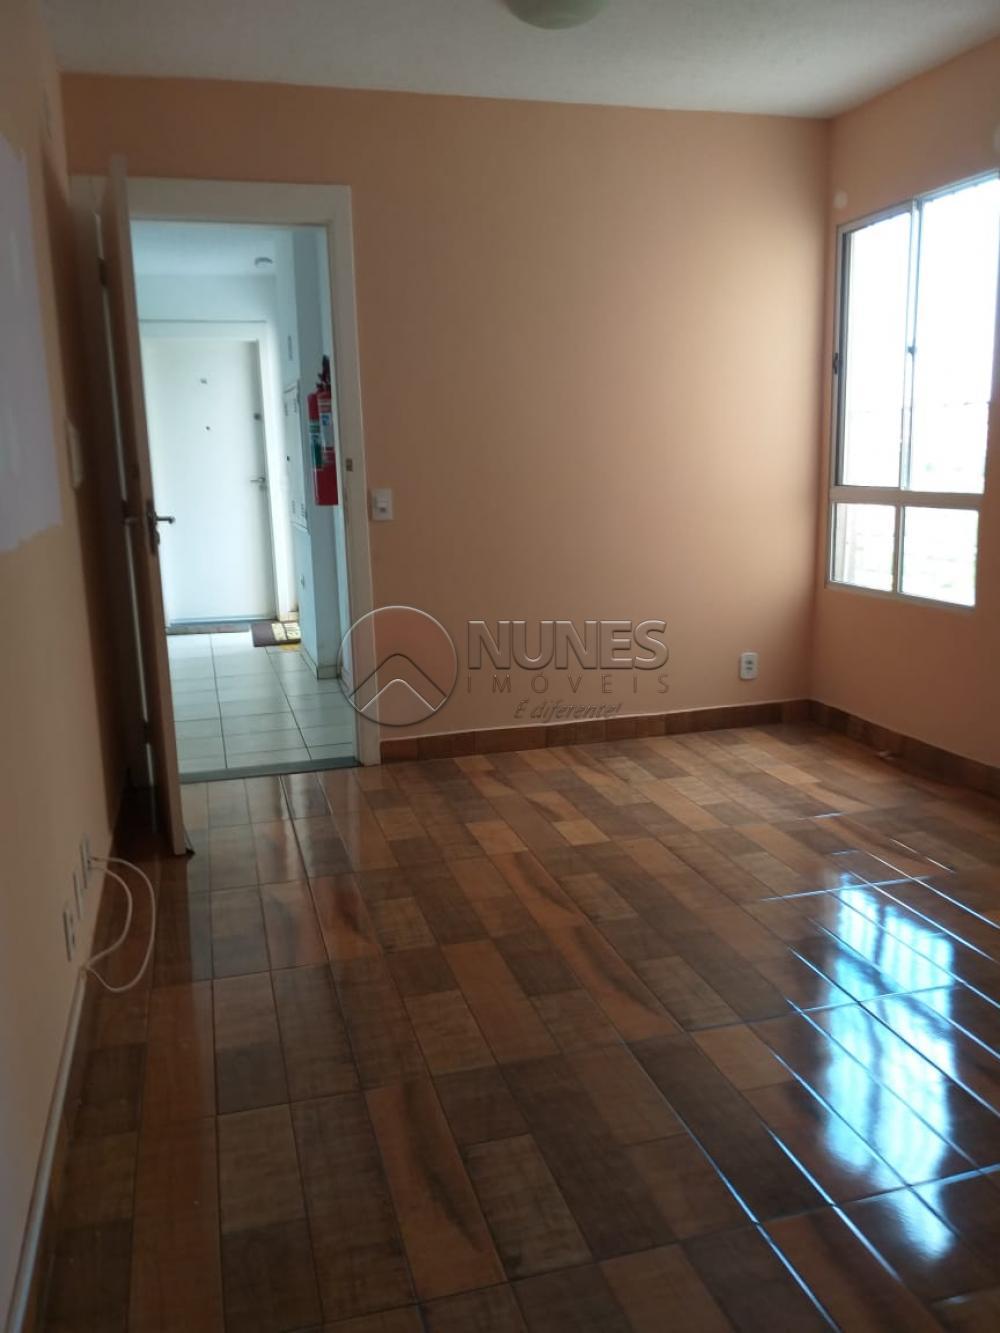 Comprar Apartamento / Padrão em Jandira apenas R$ 170.000,00 - Foto 1